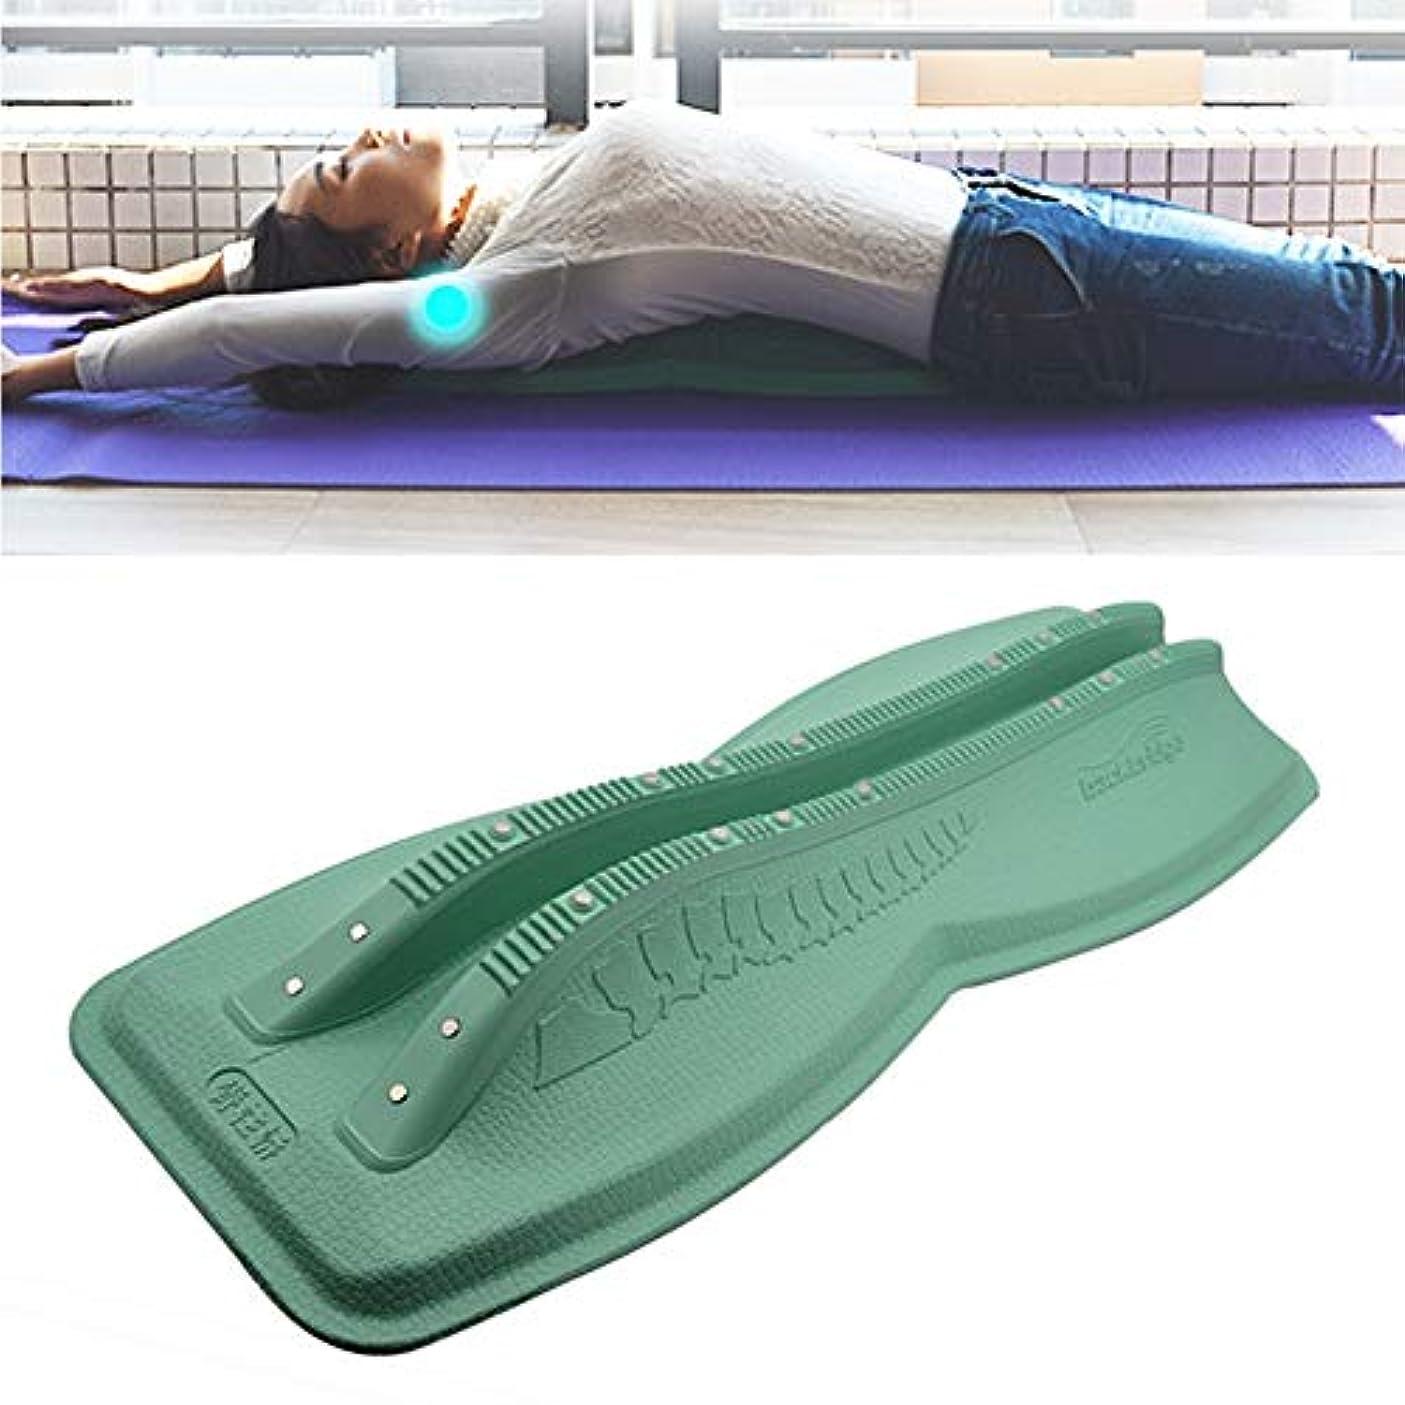 敏感な一握り上ホームバックコレクターキャメルバックコレクター頸部腰椎マッサージ脊椎脊椎ストレッチストレッチ